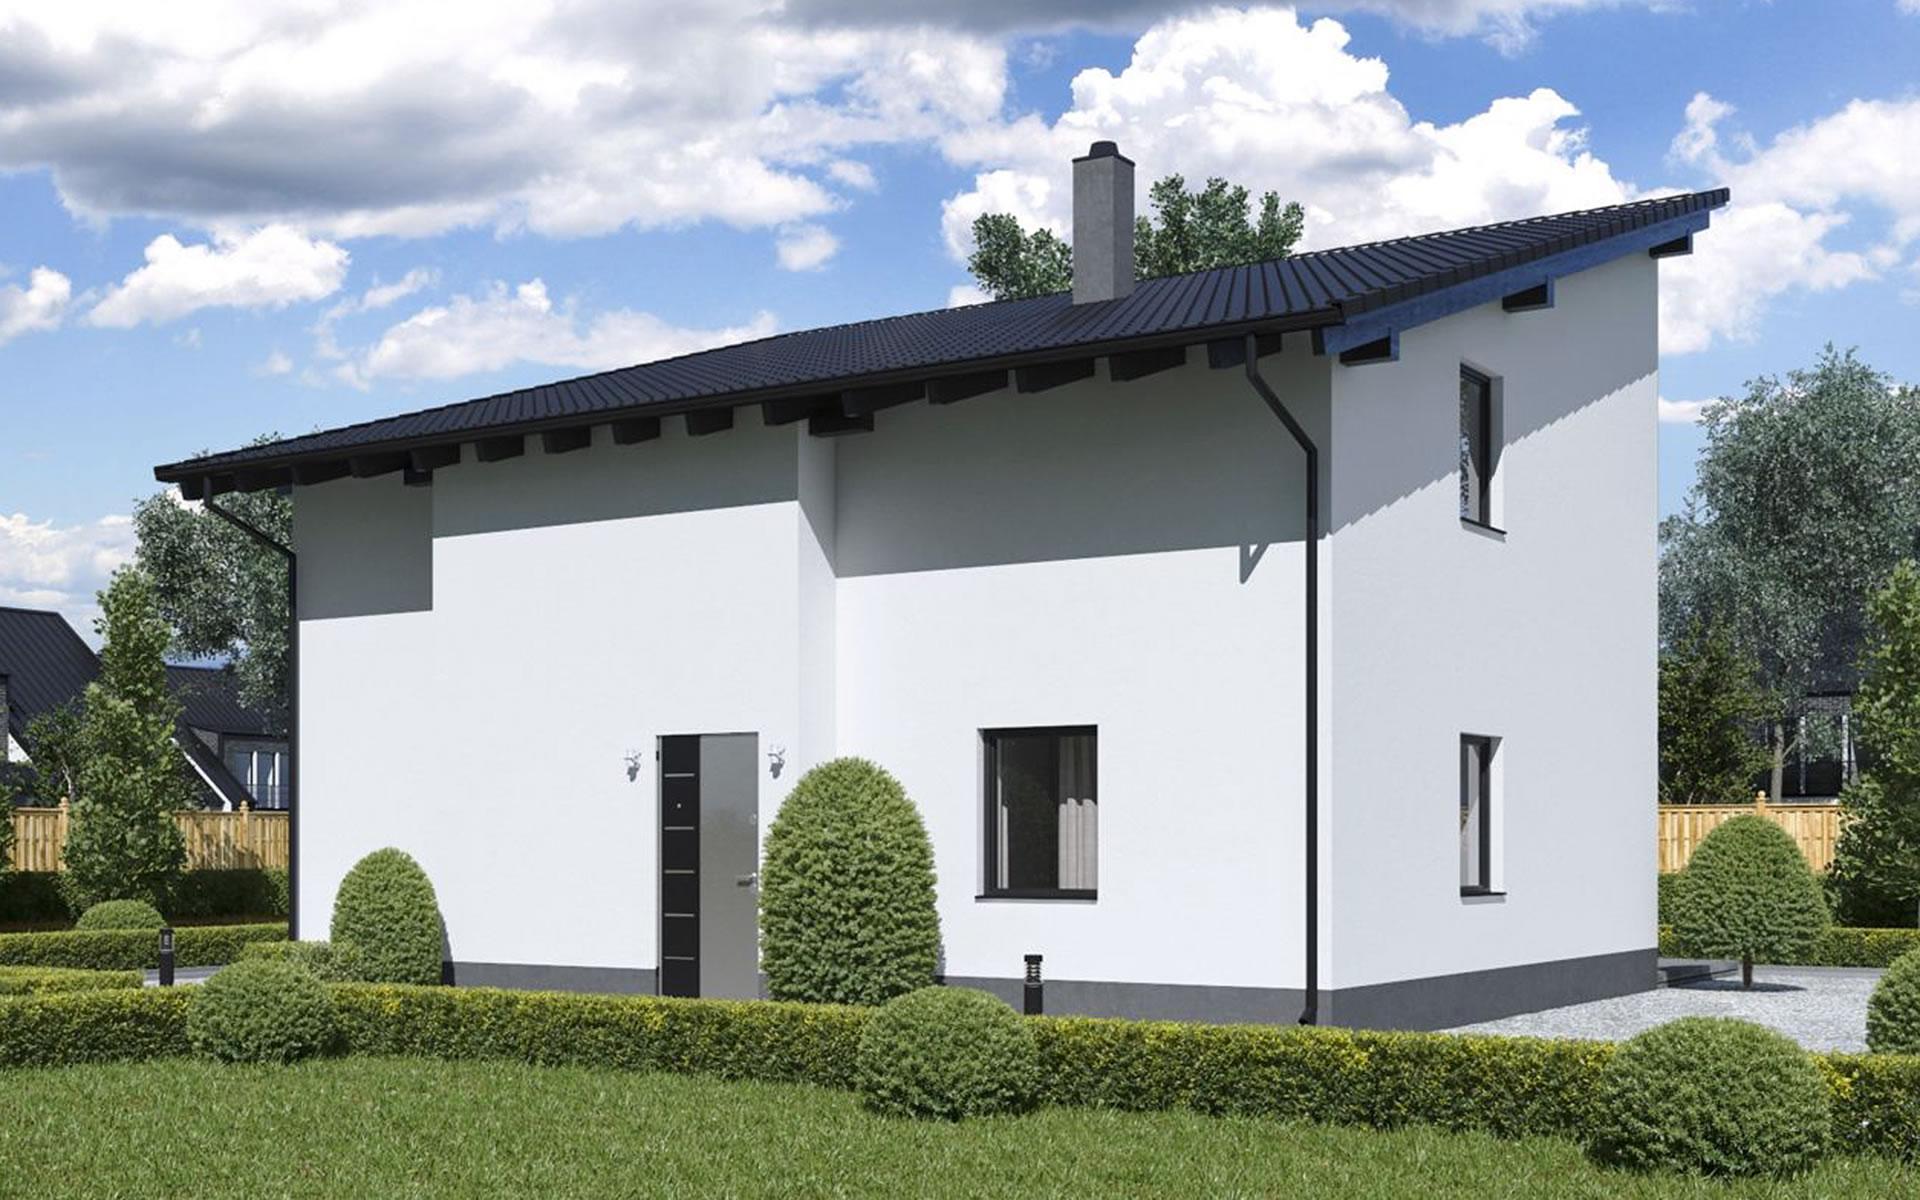 Future BS 118 von B&S Selbstbausysteme GmbH & Co. KG